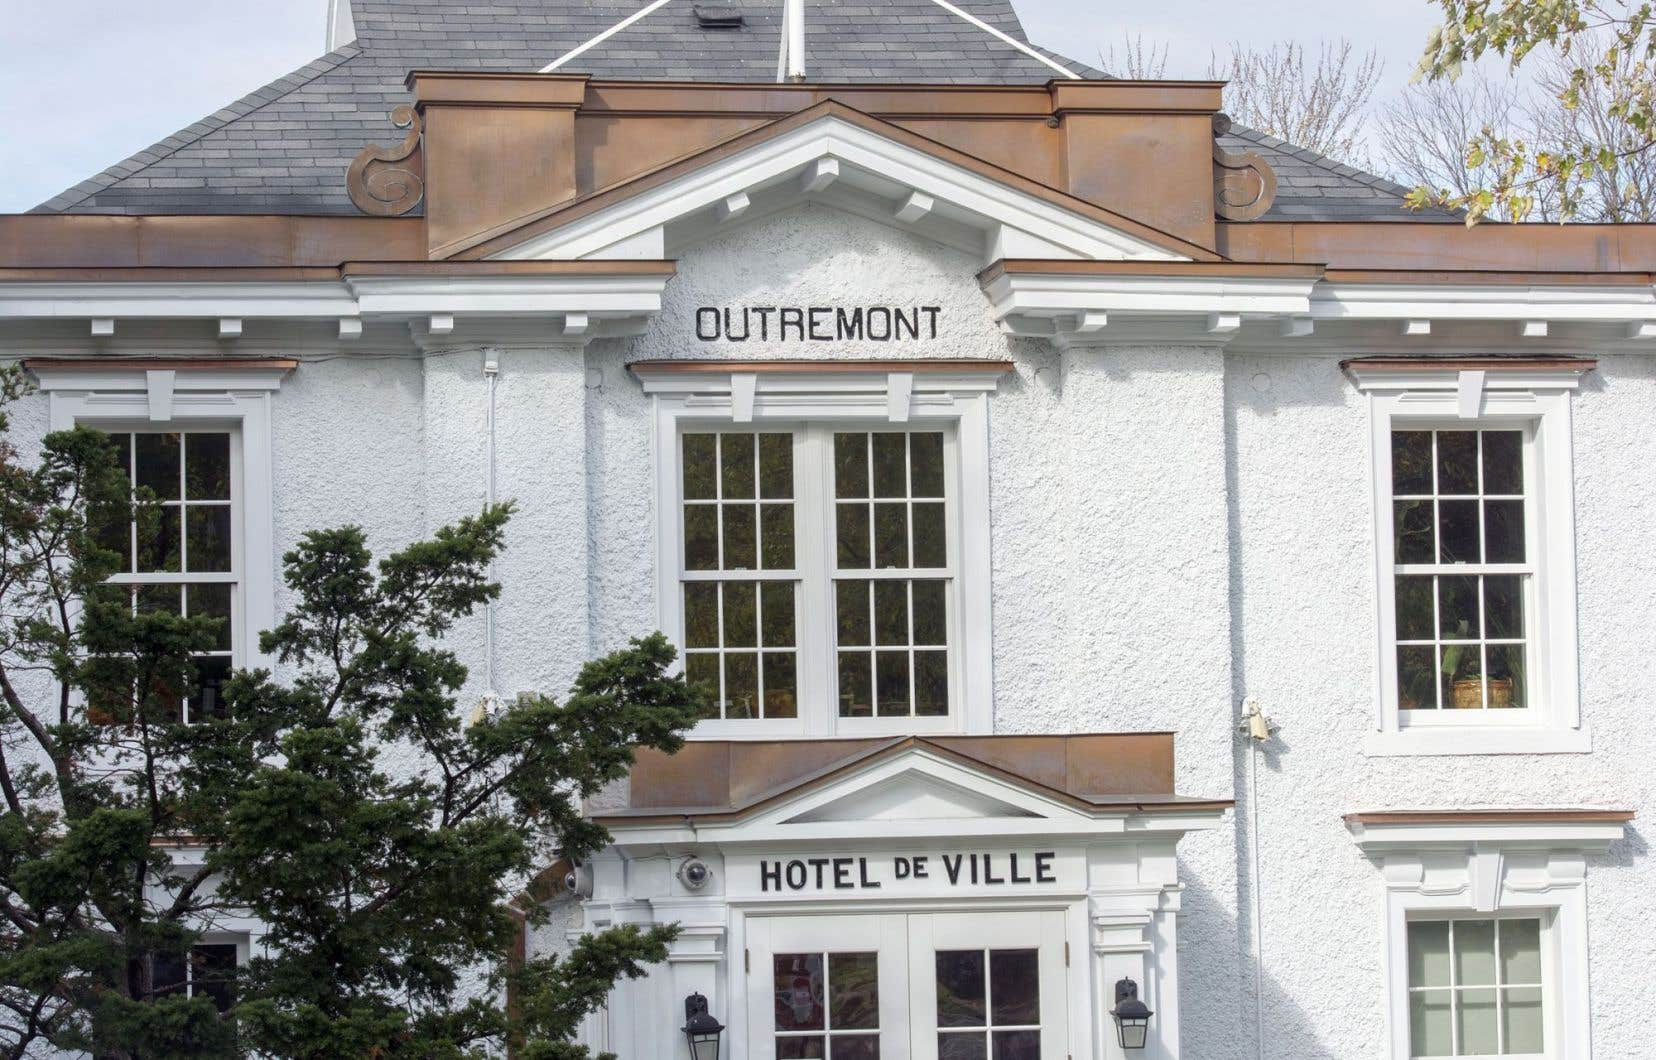 L'arrondissement d'Outremont a averti le locateur par courriel vendredi soir que la réservation de la salle était annulée.